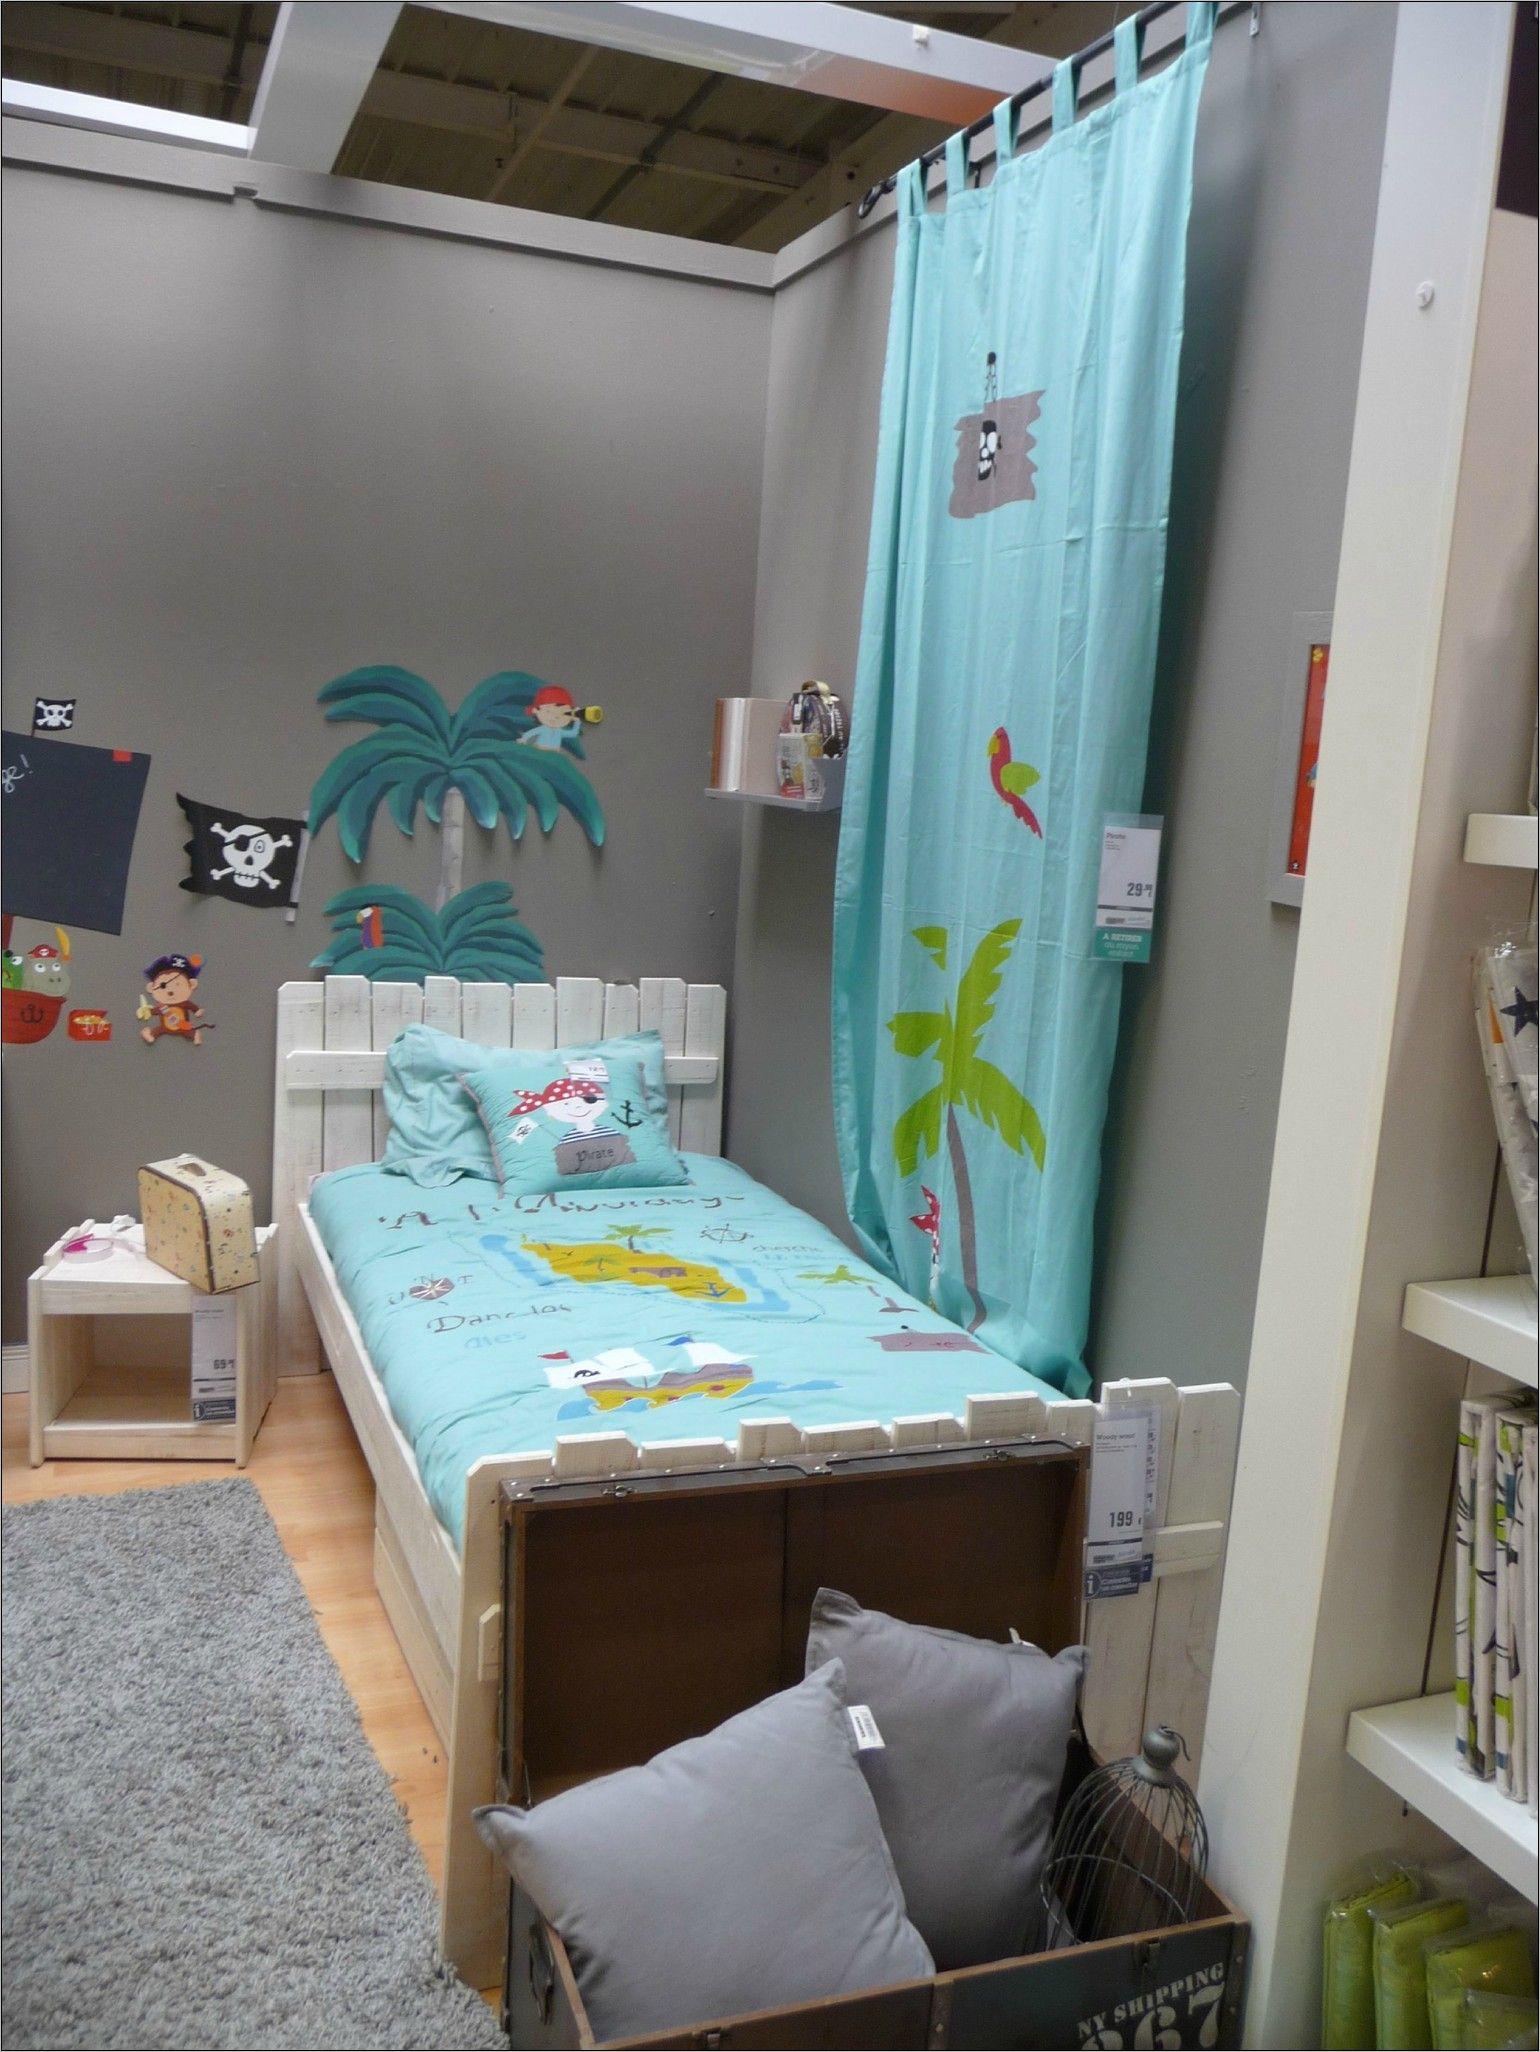 Idee Deco Chambre Garcon Pirate  Idee deco chambre garcon, Deco